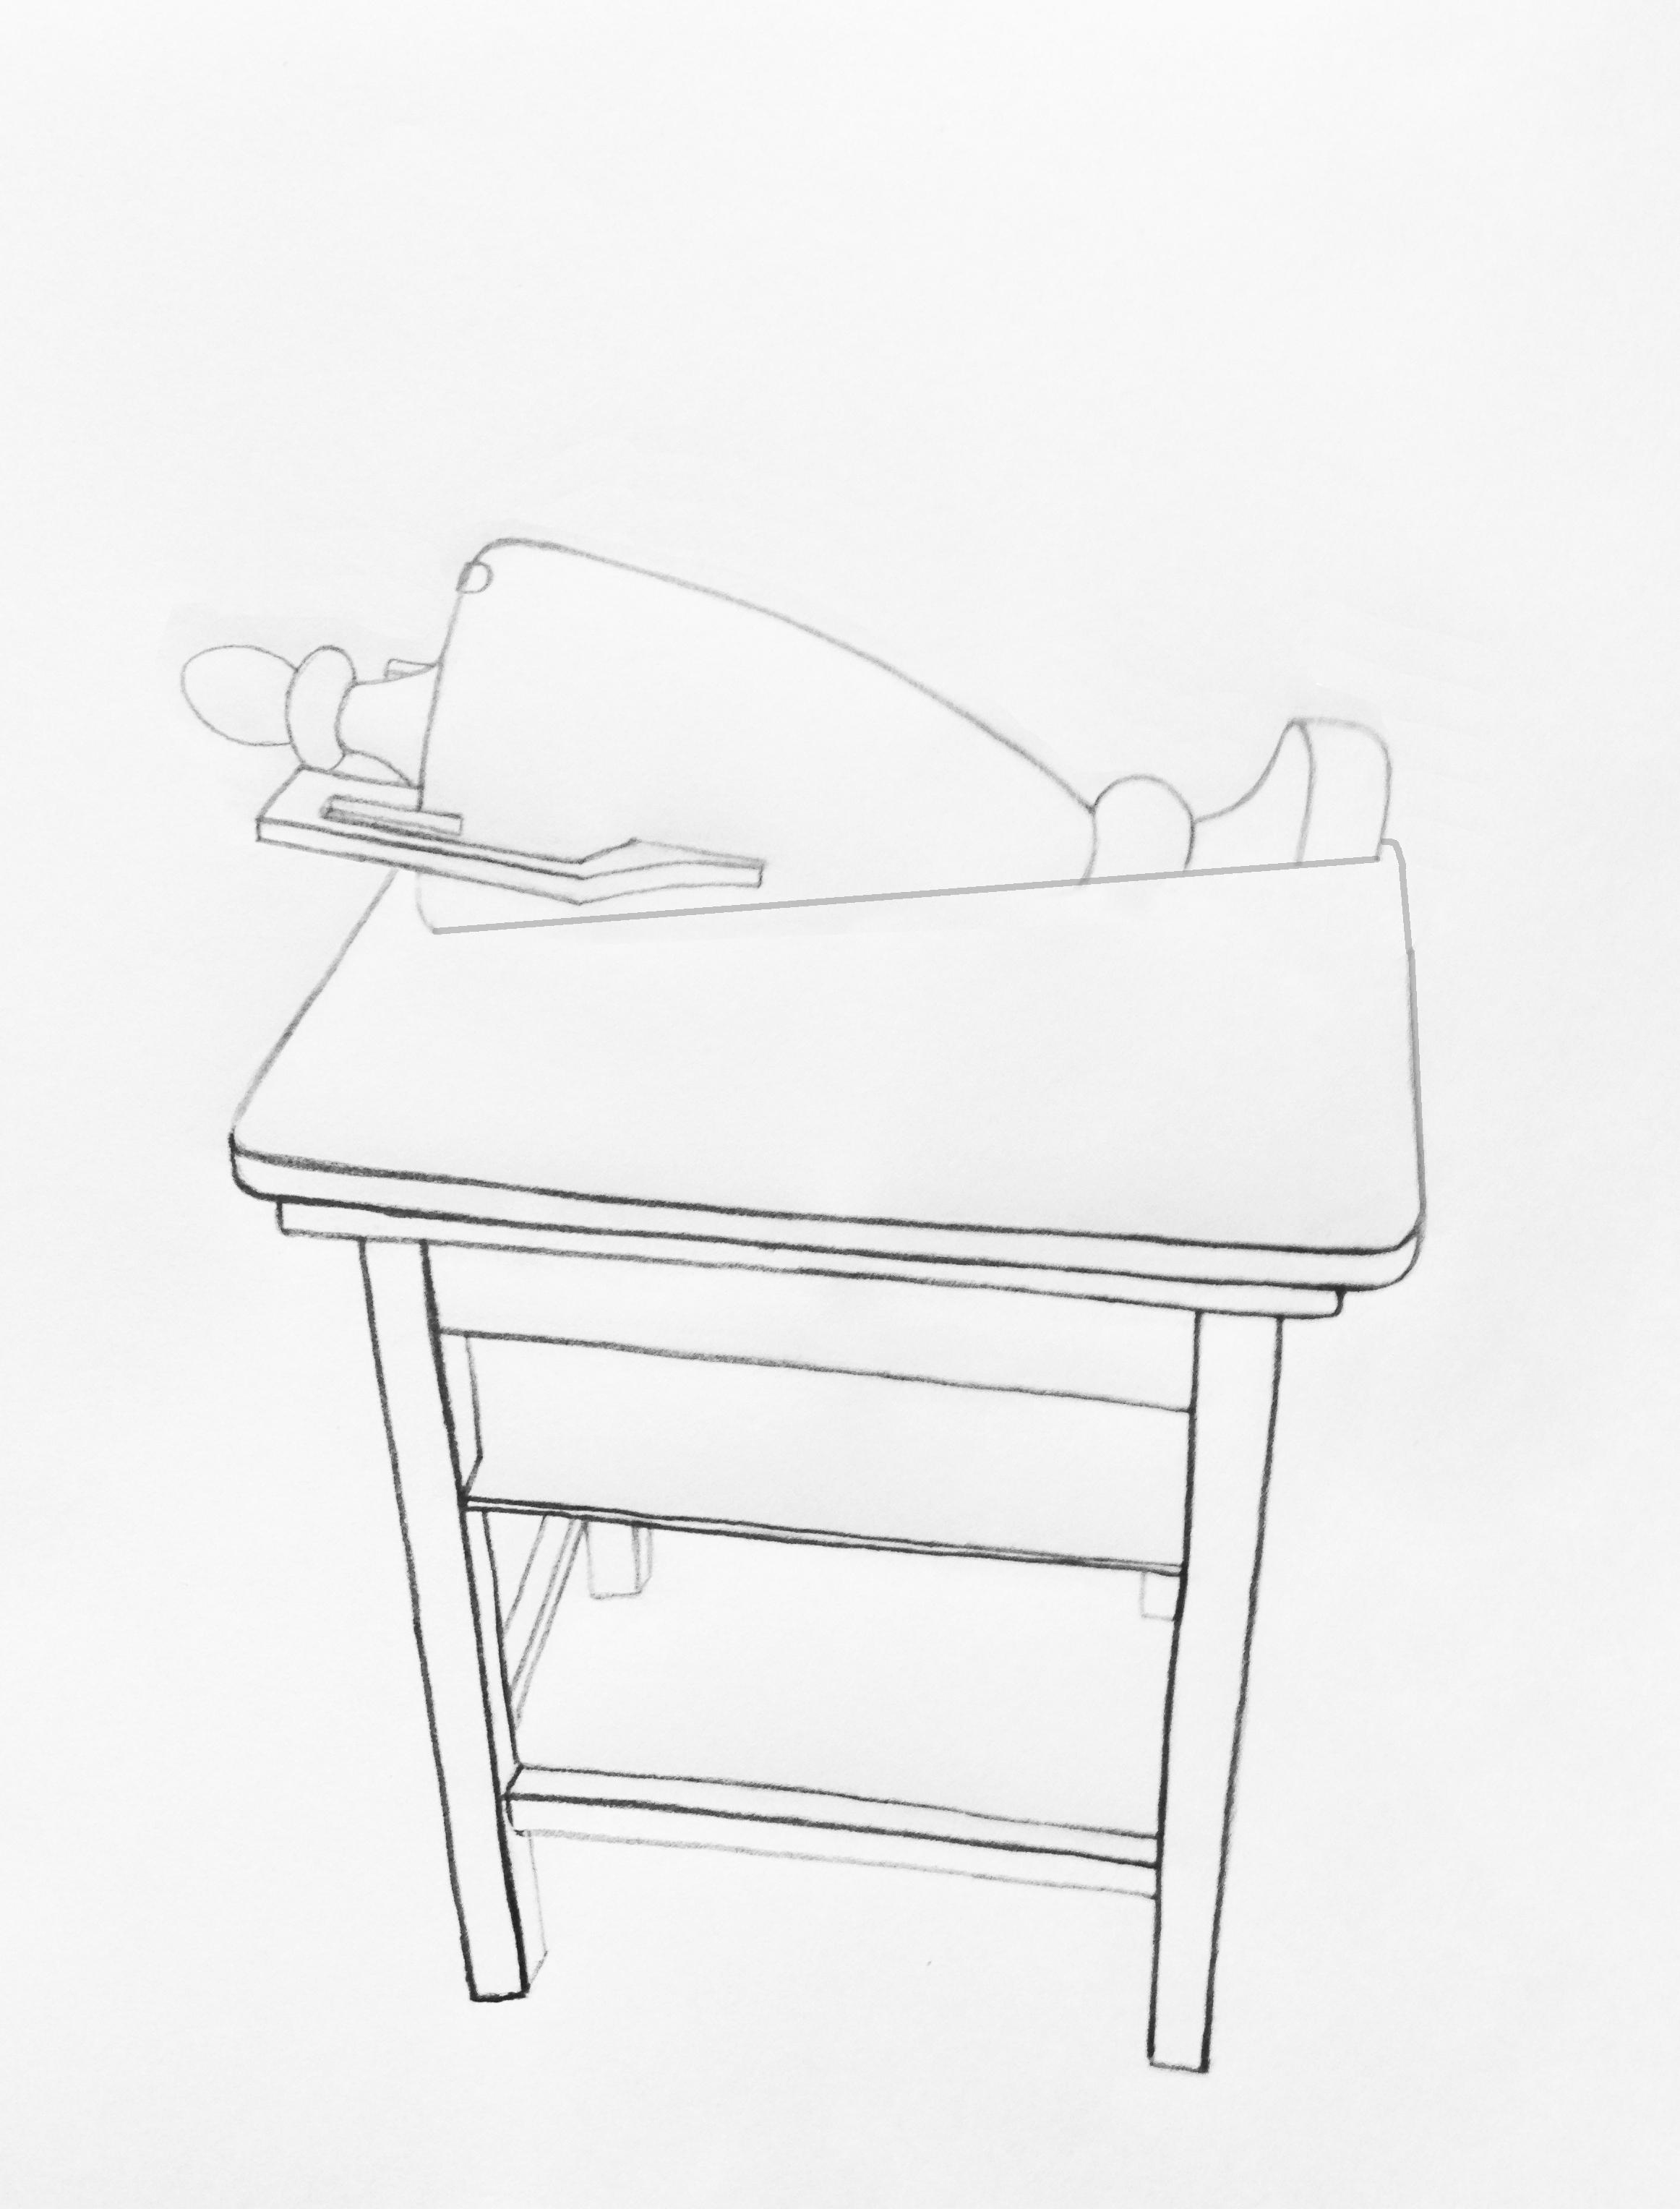 szkic obiektu użytkowego woparciu oprzedmioty pozyskane odkrakowskiego środowiska sztuki, wramach projektu Space Ship Jasny Dom